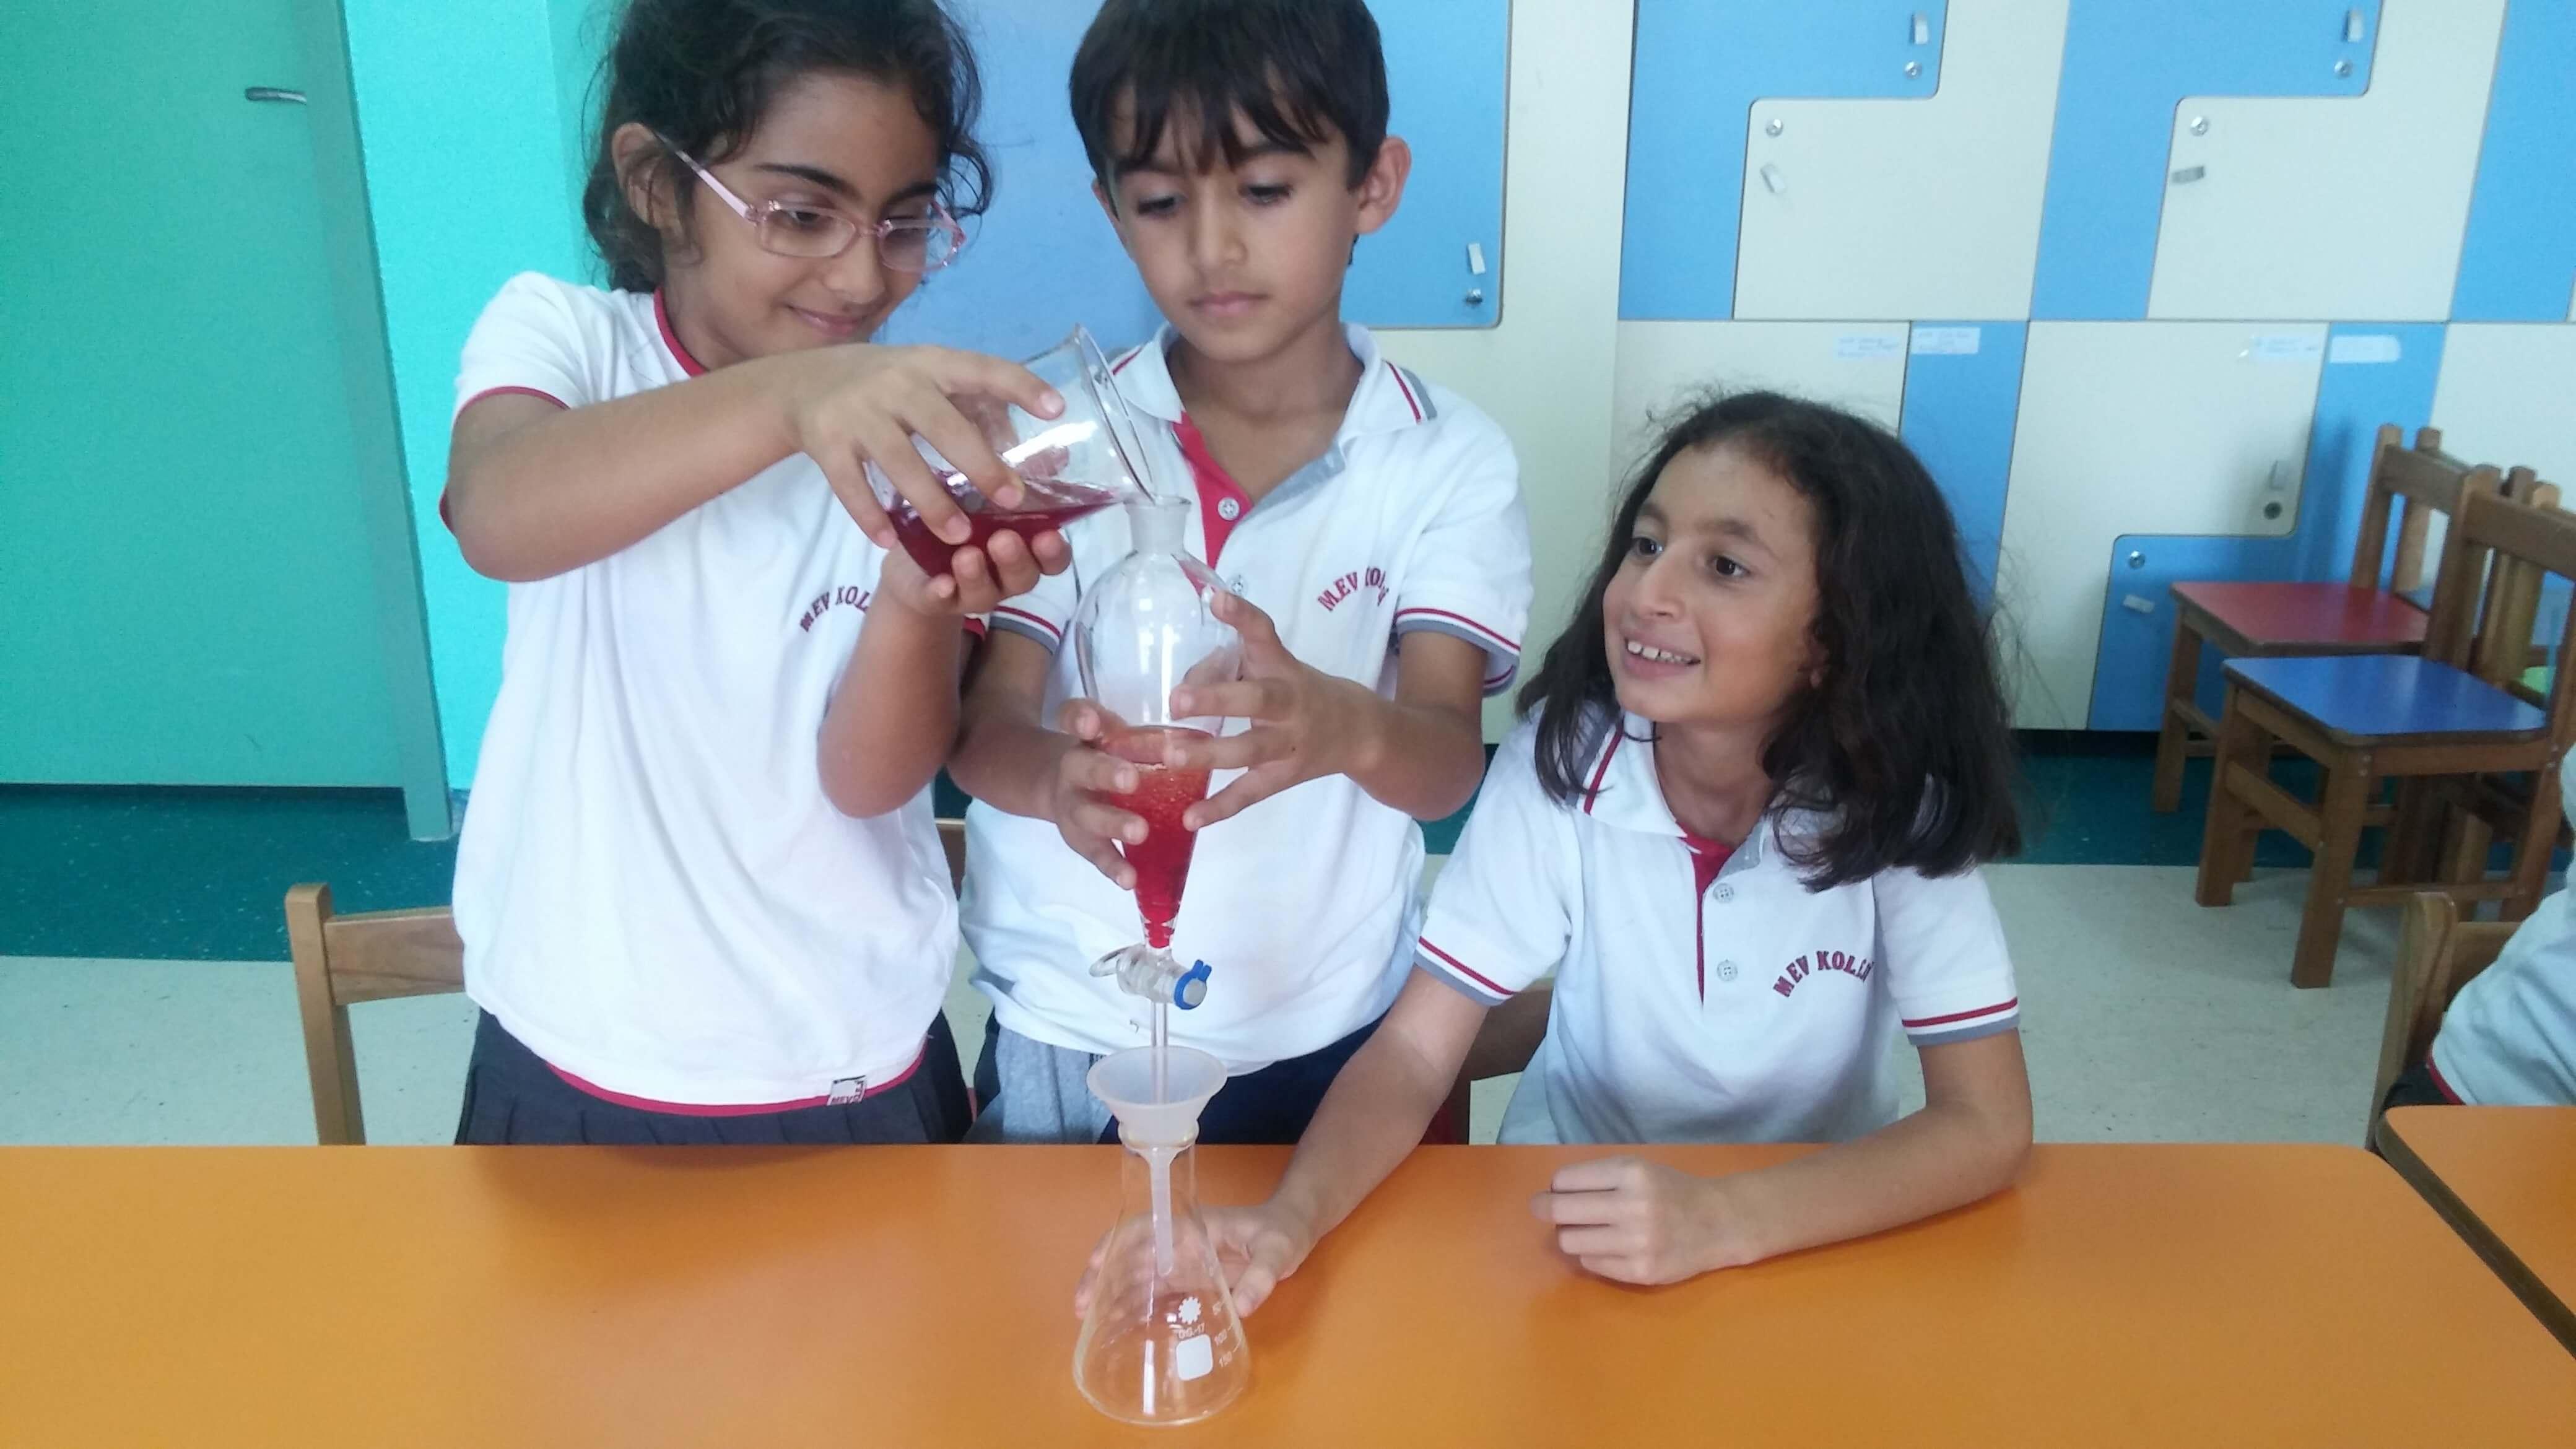 2.Sınıf Öğrencilerimiz Farklı Yoğunluktaki Sıvıların Nasıl Ayrıldığını Gözlemlediler